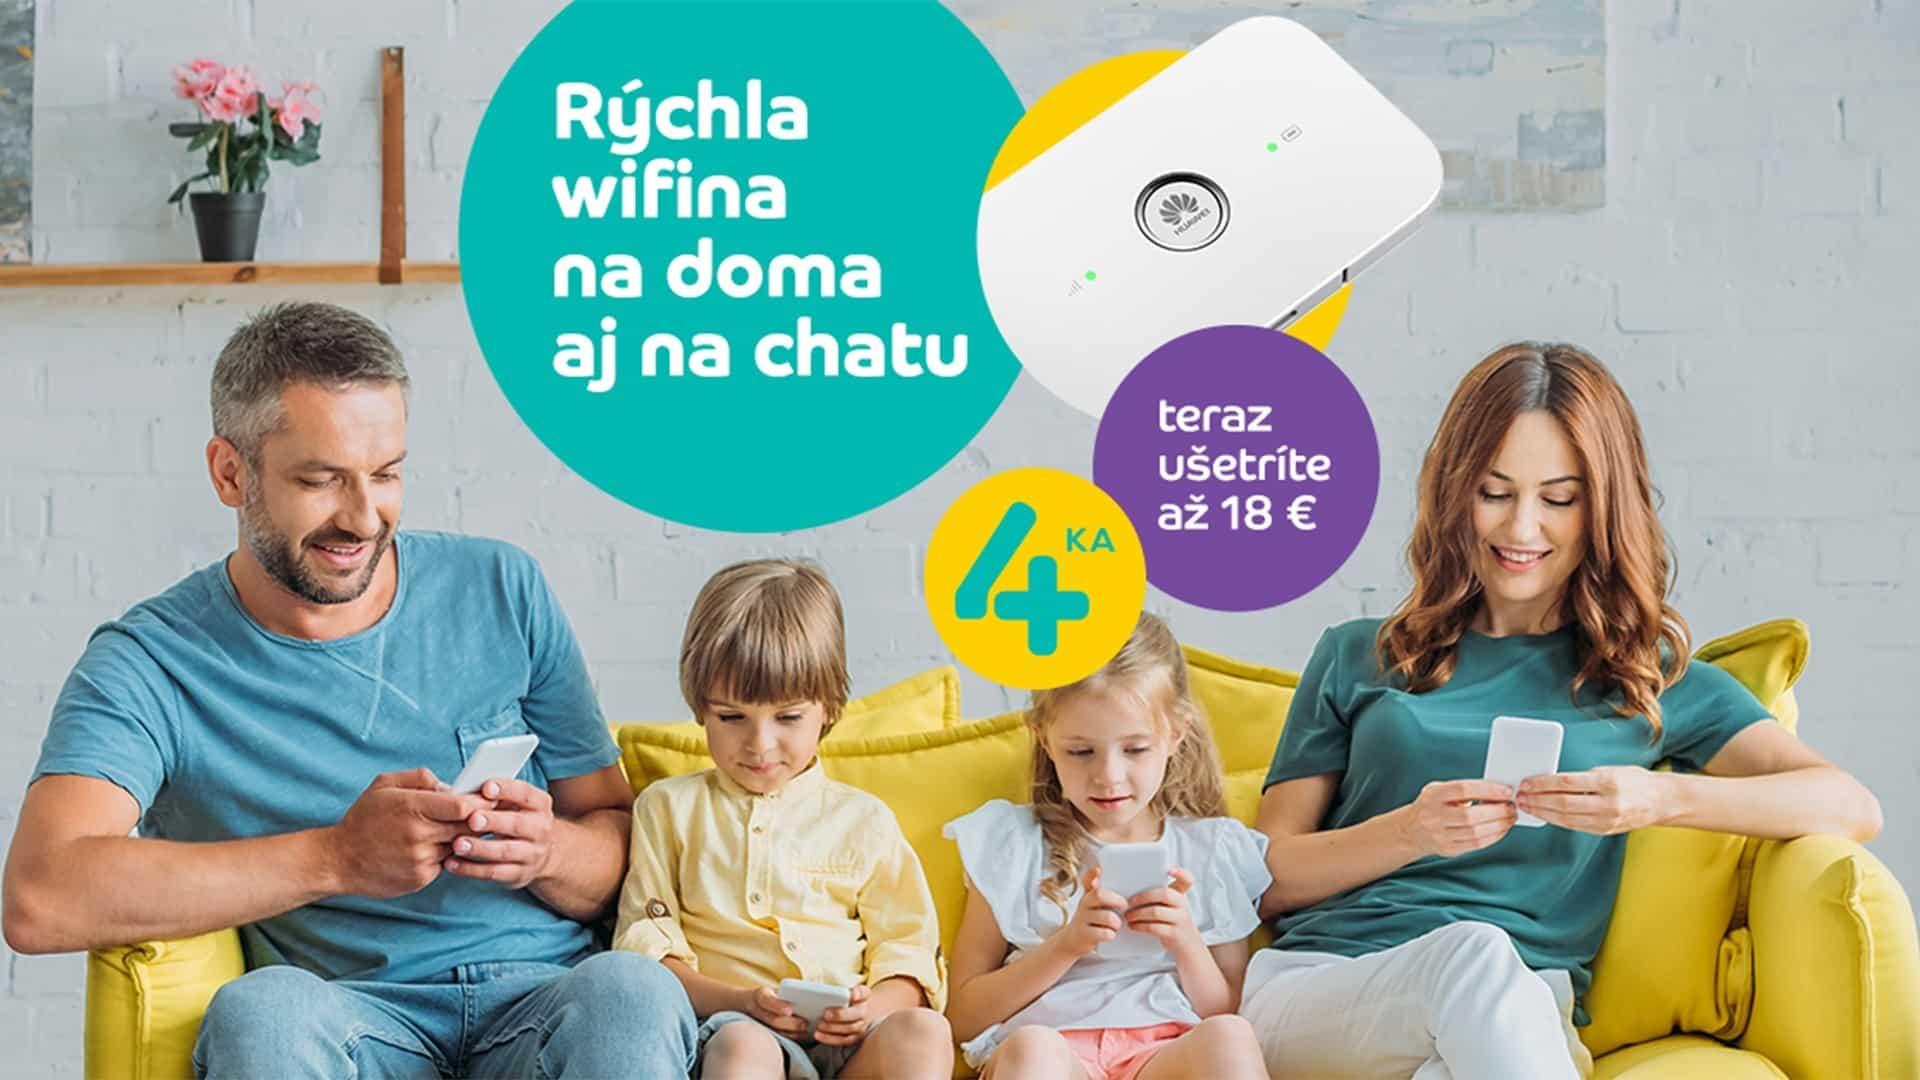 4ka sloboda data na doma